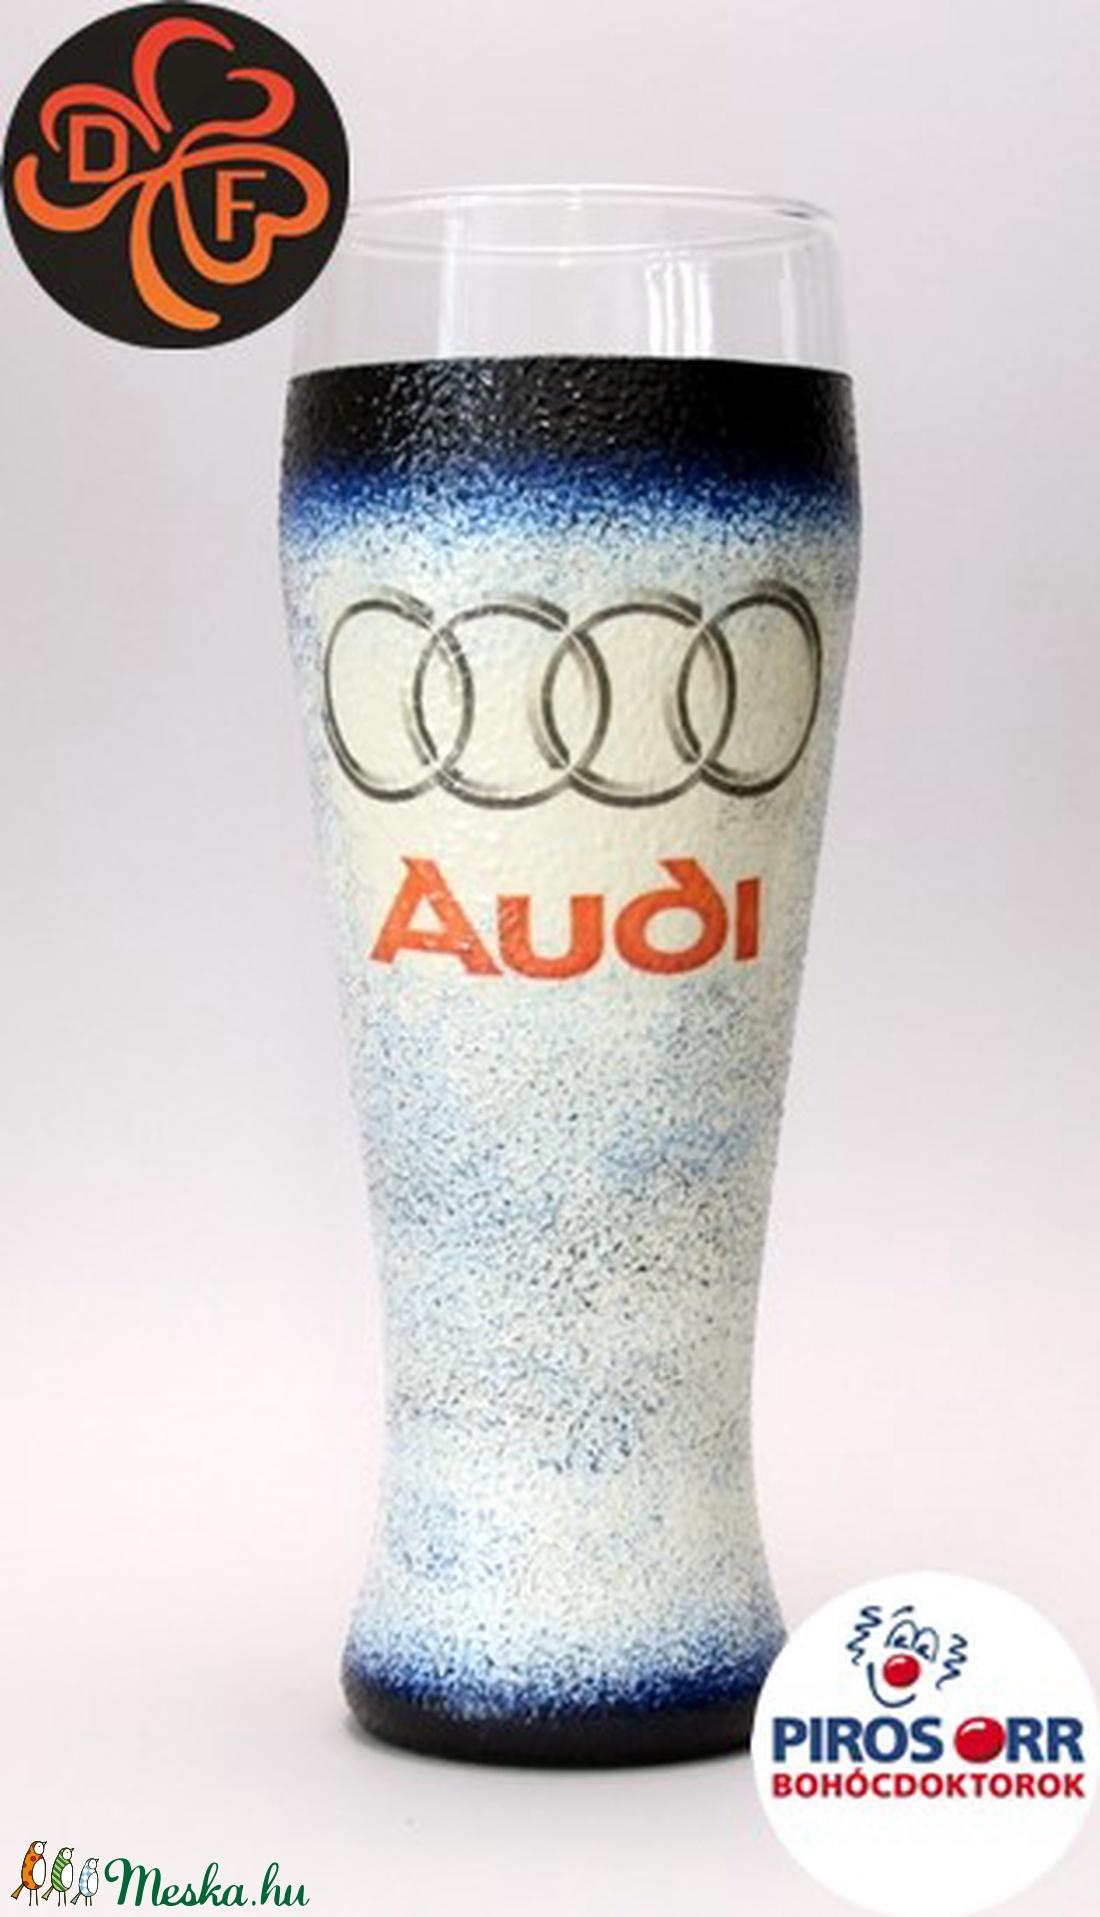 Audi sörös pohár ; Audi rajongóknak (decorfantasy) - Meska.hu